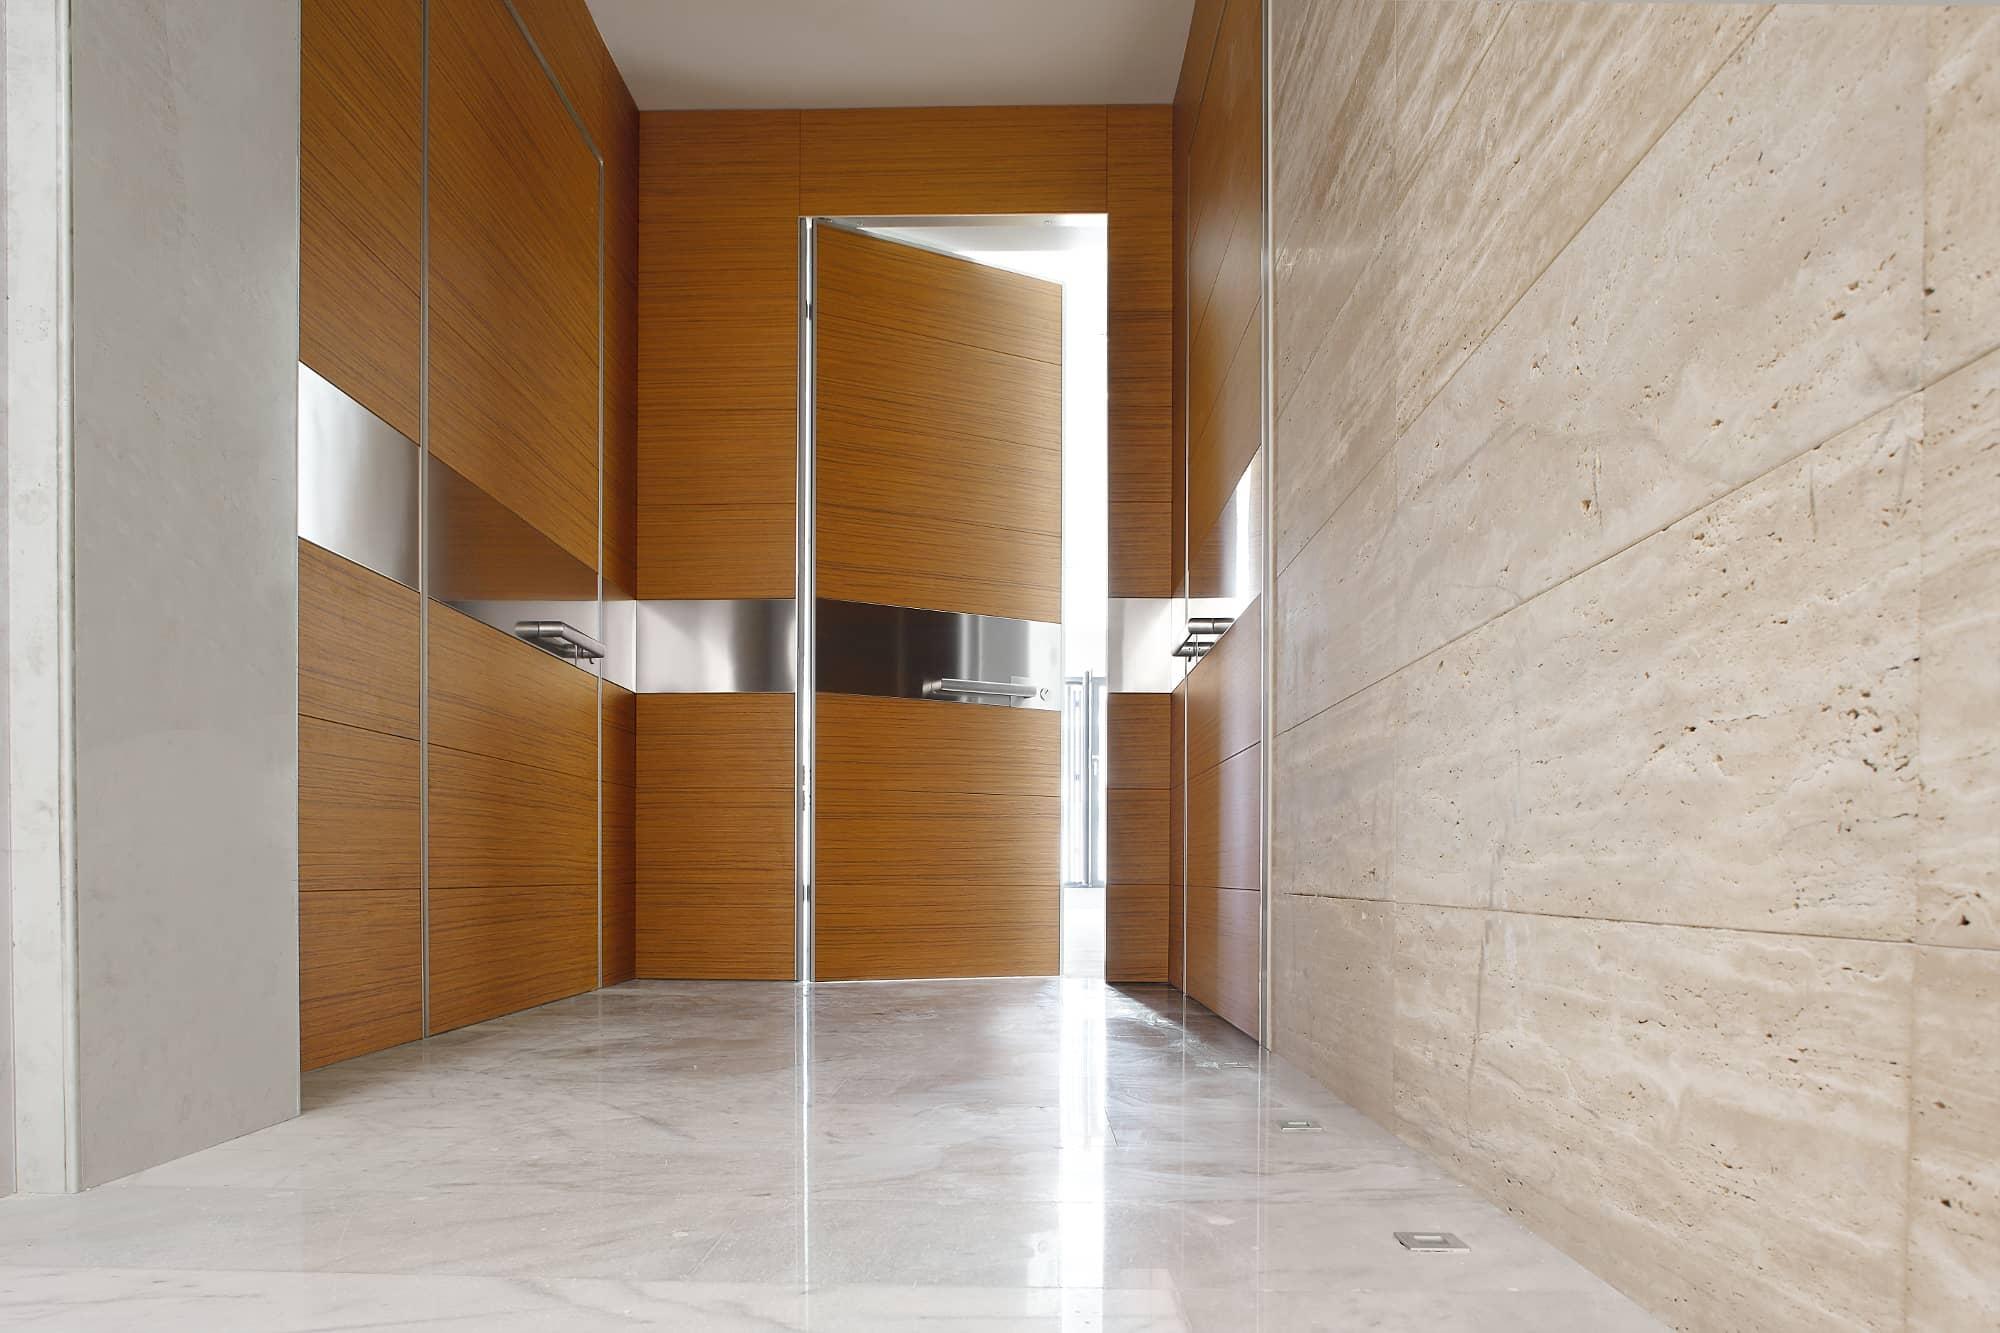 Puertas Oikos Zagabria 01 2000x1333 c